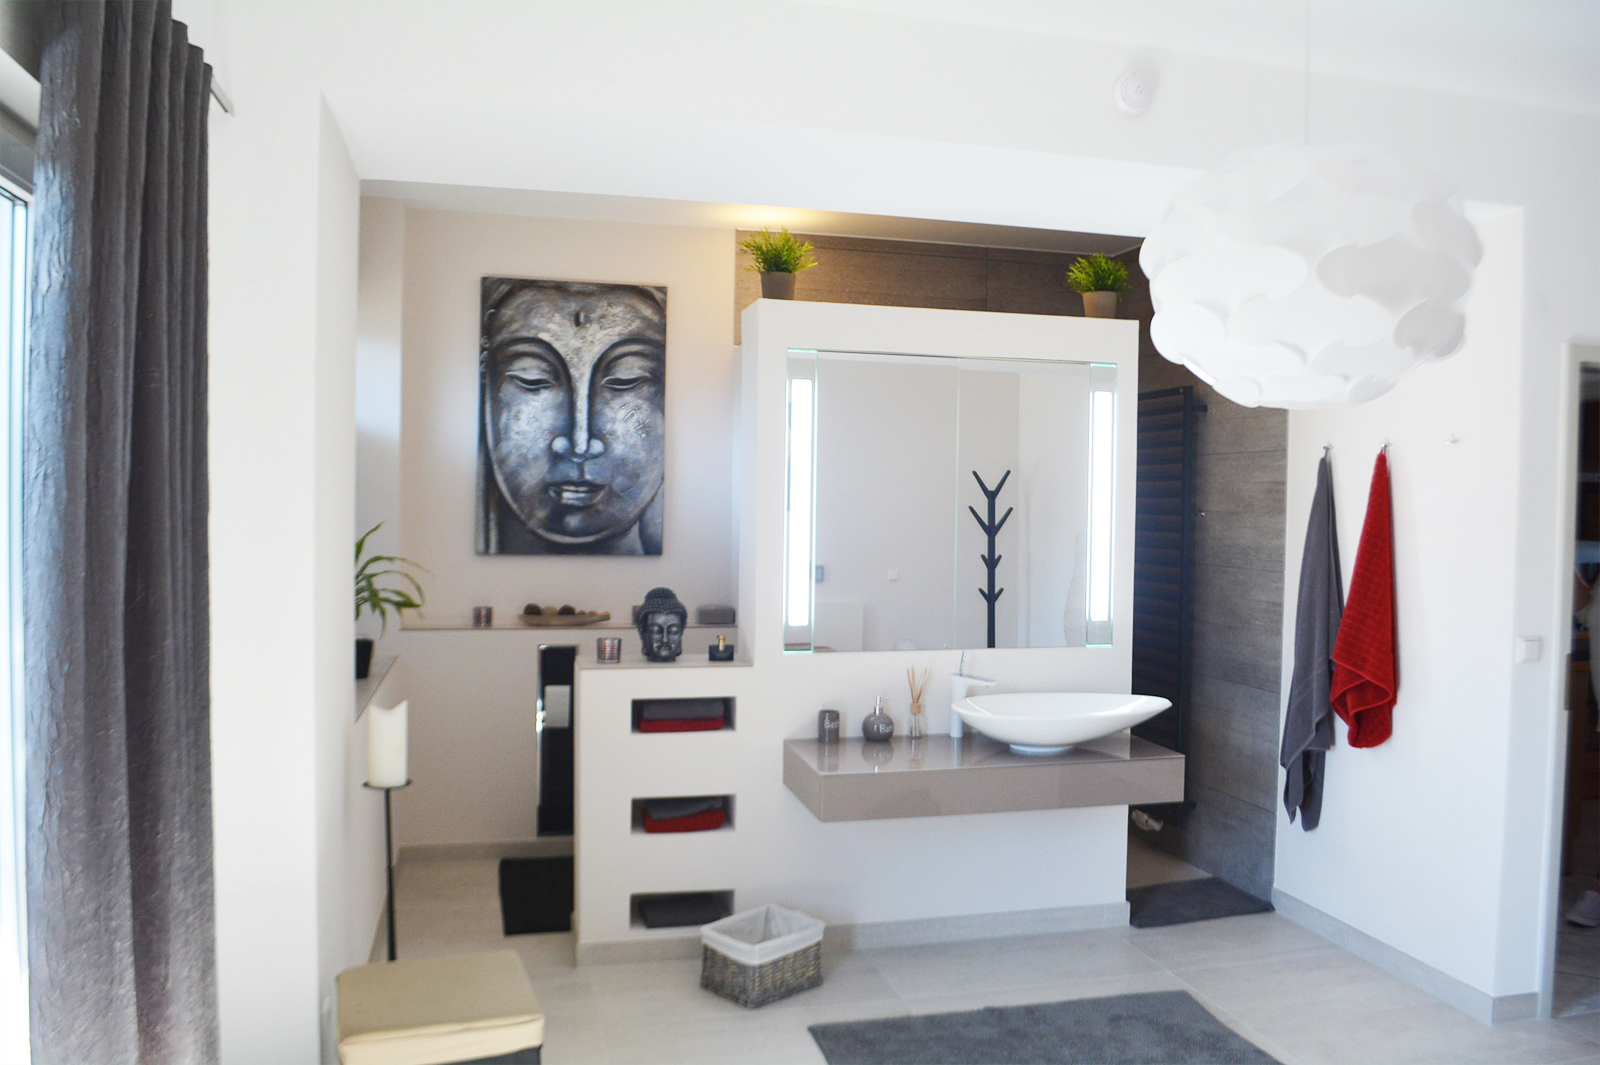 fliesen wadewitz gmbh burgdorf ihr fliesenlegerbetrieb f r die region hannover. Black Bedroom Furniture Sets. Home Design Ideas